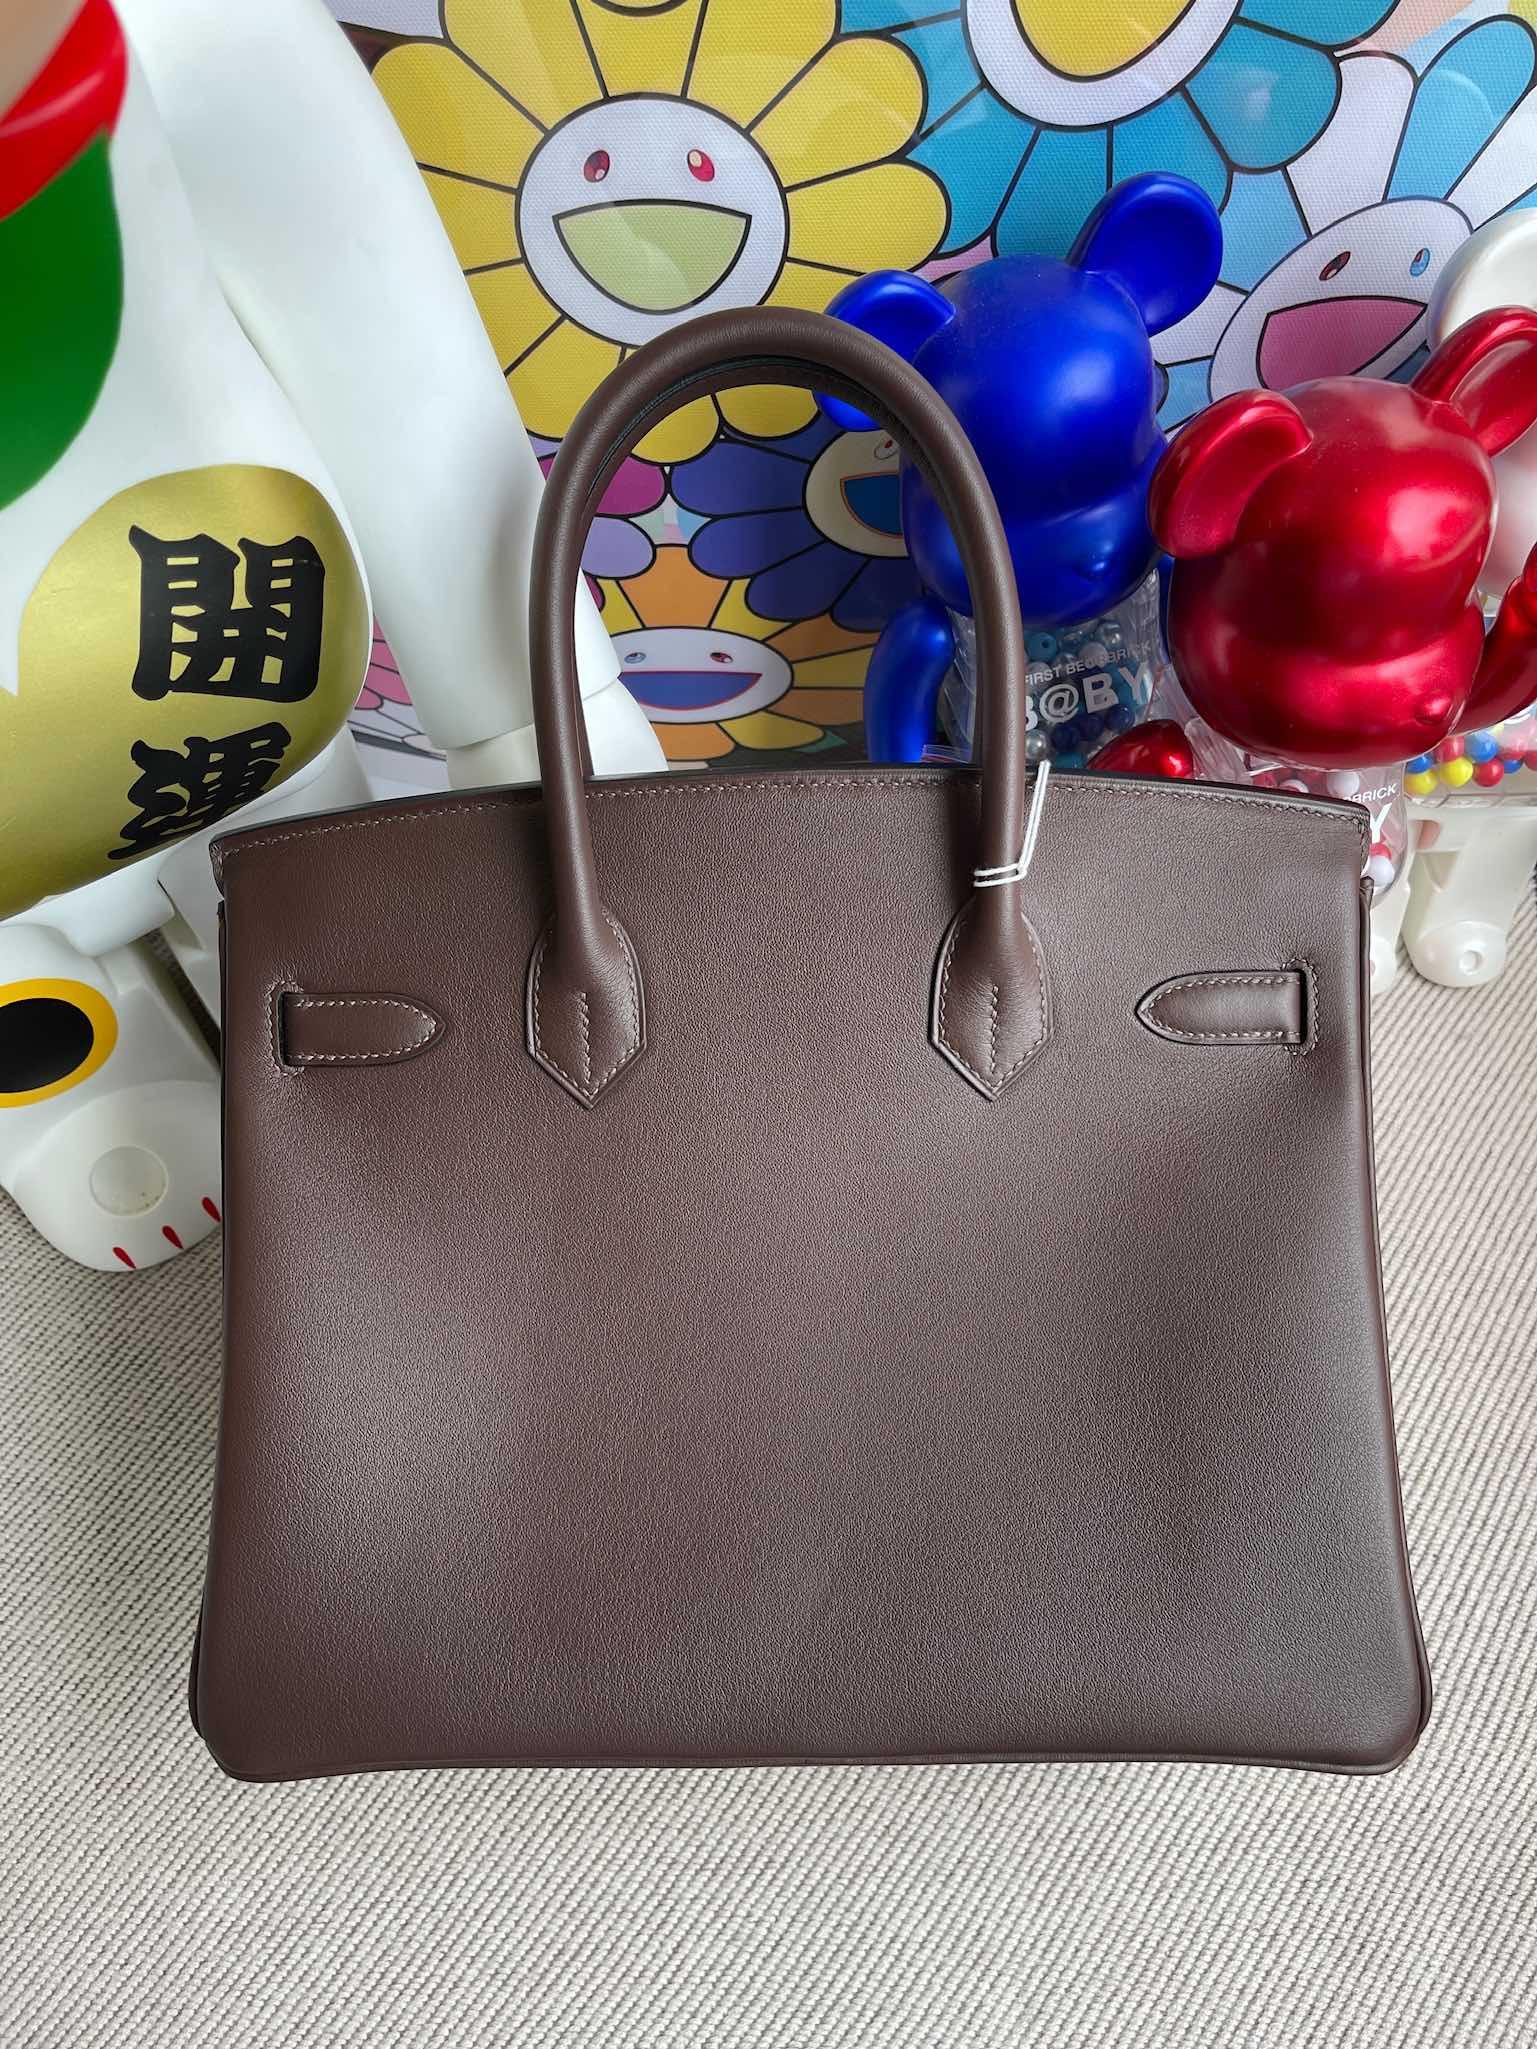 Hermès(爱马仕)Birkin 铂金包 Swift 巧克力色 银扣 30cm 顶级手缝